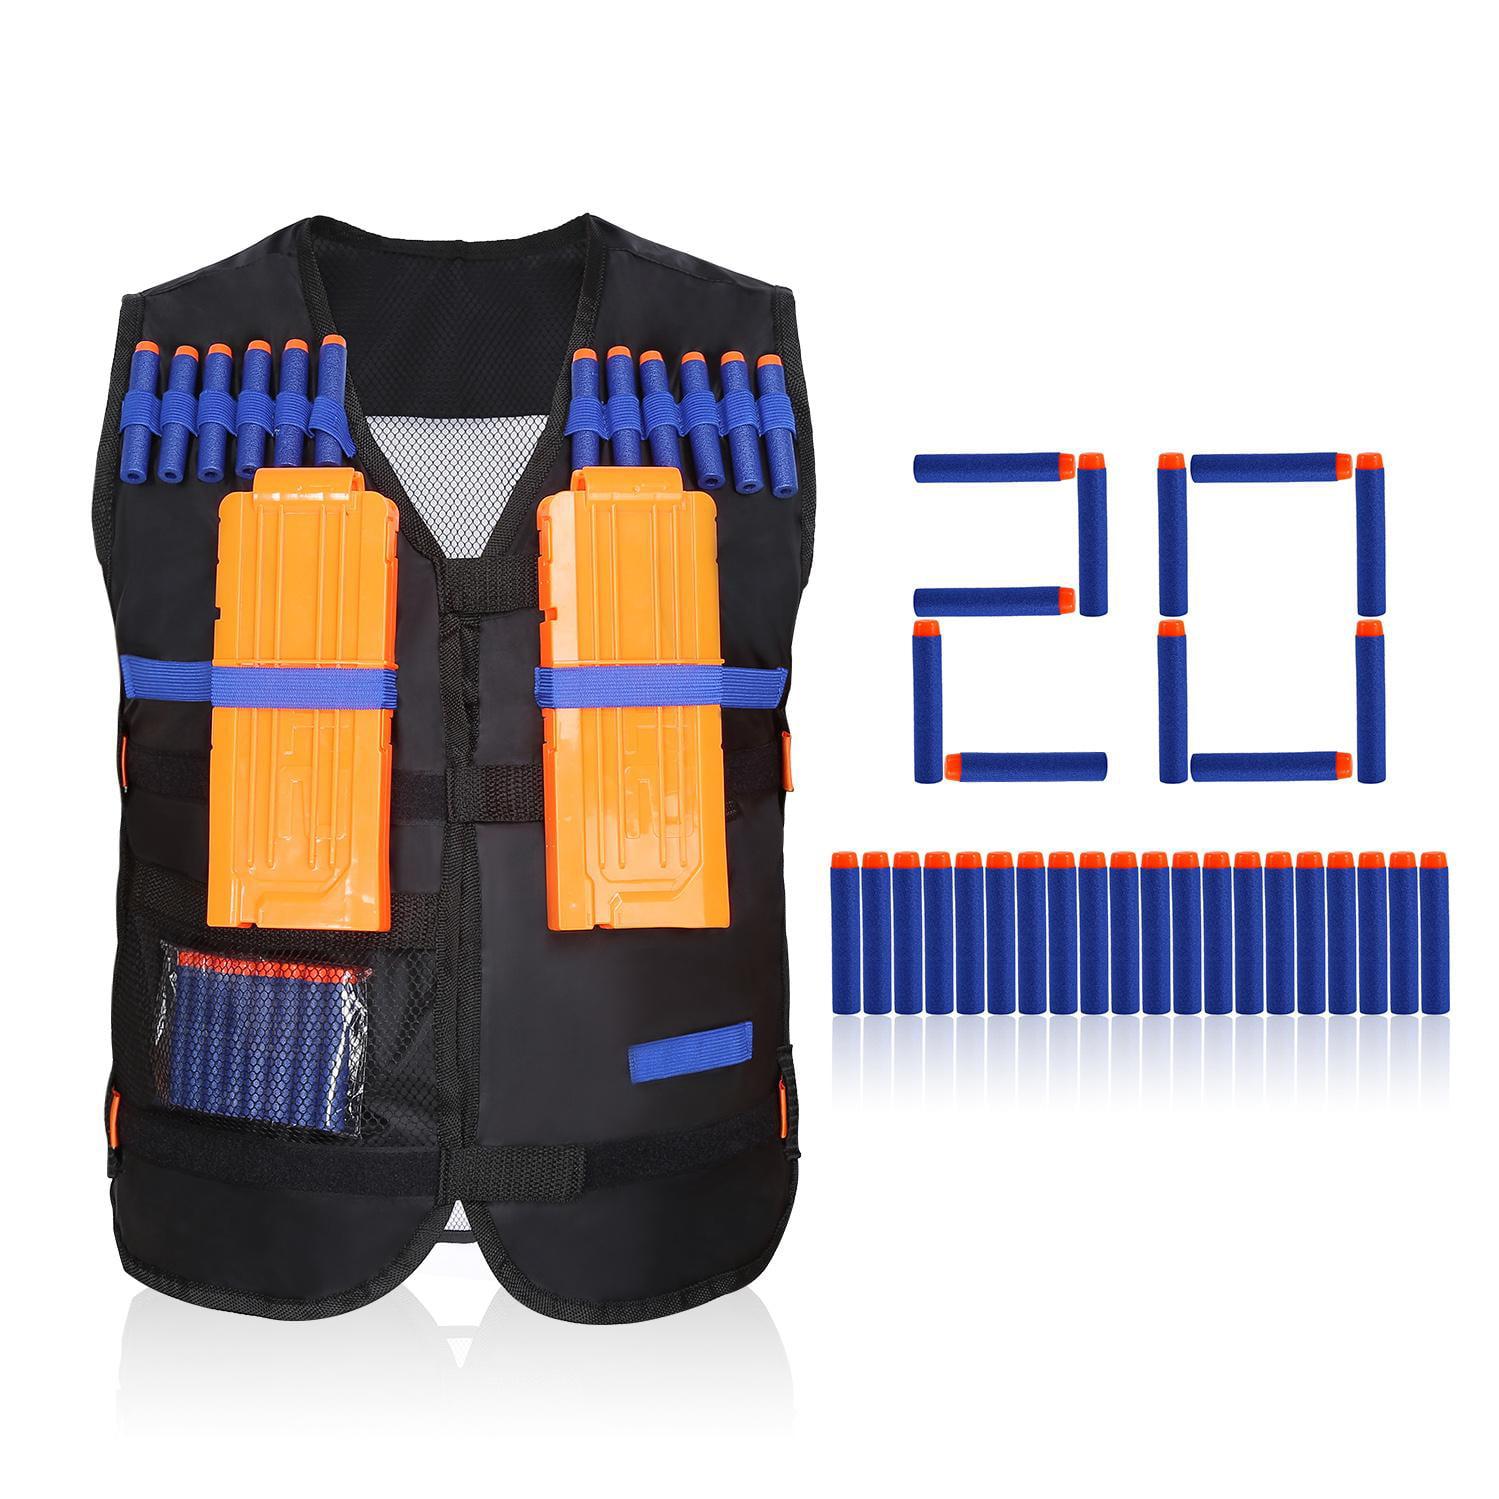 Kids Boy Tactical Vest for Nerf N-Strike Elite Battle Game Series Dart Tag Kit